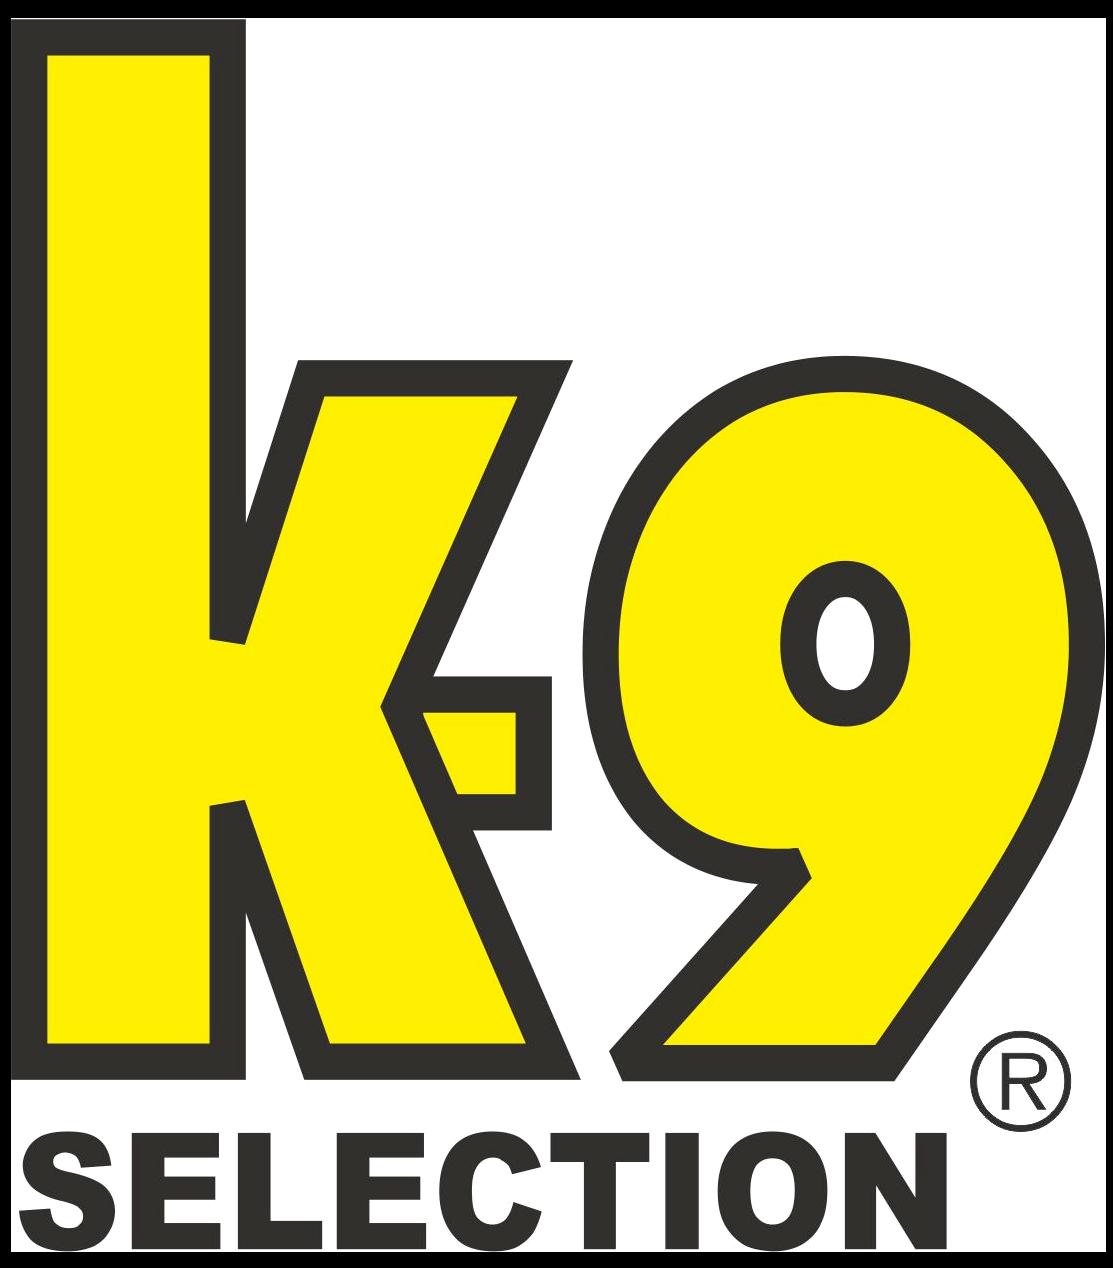 k-9 selection [logo]